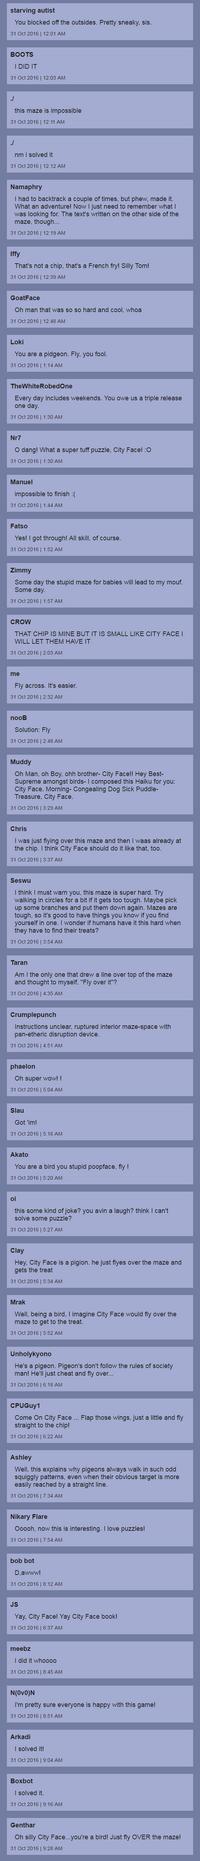 City Face Puzzles comments 1